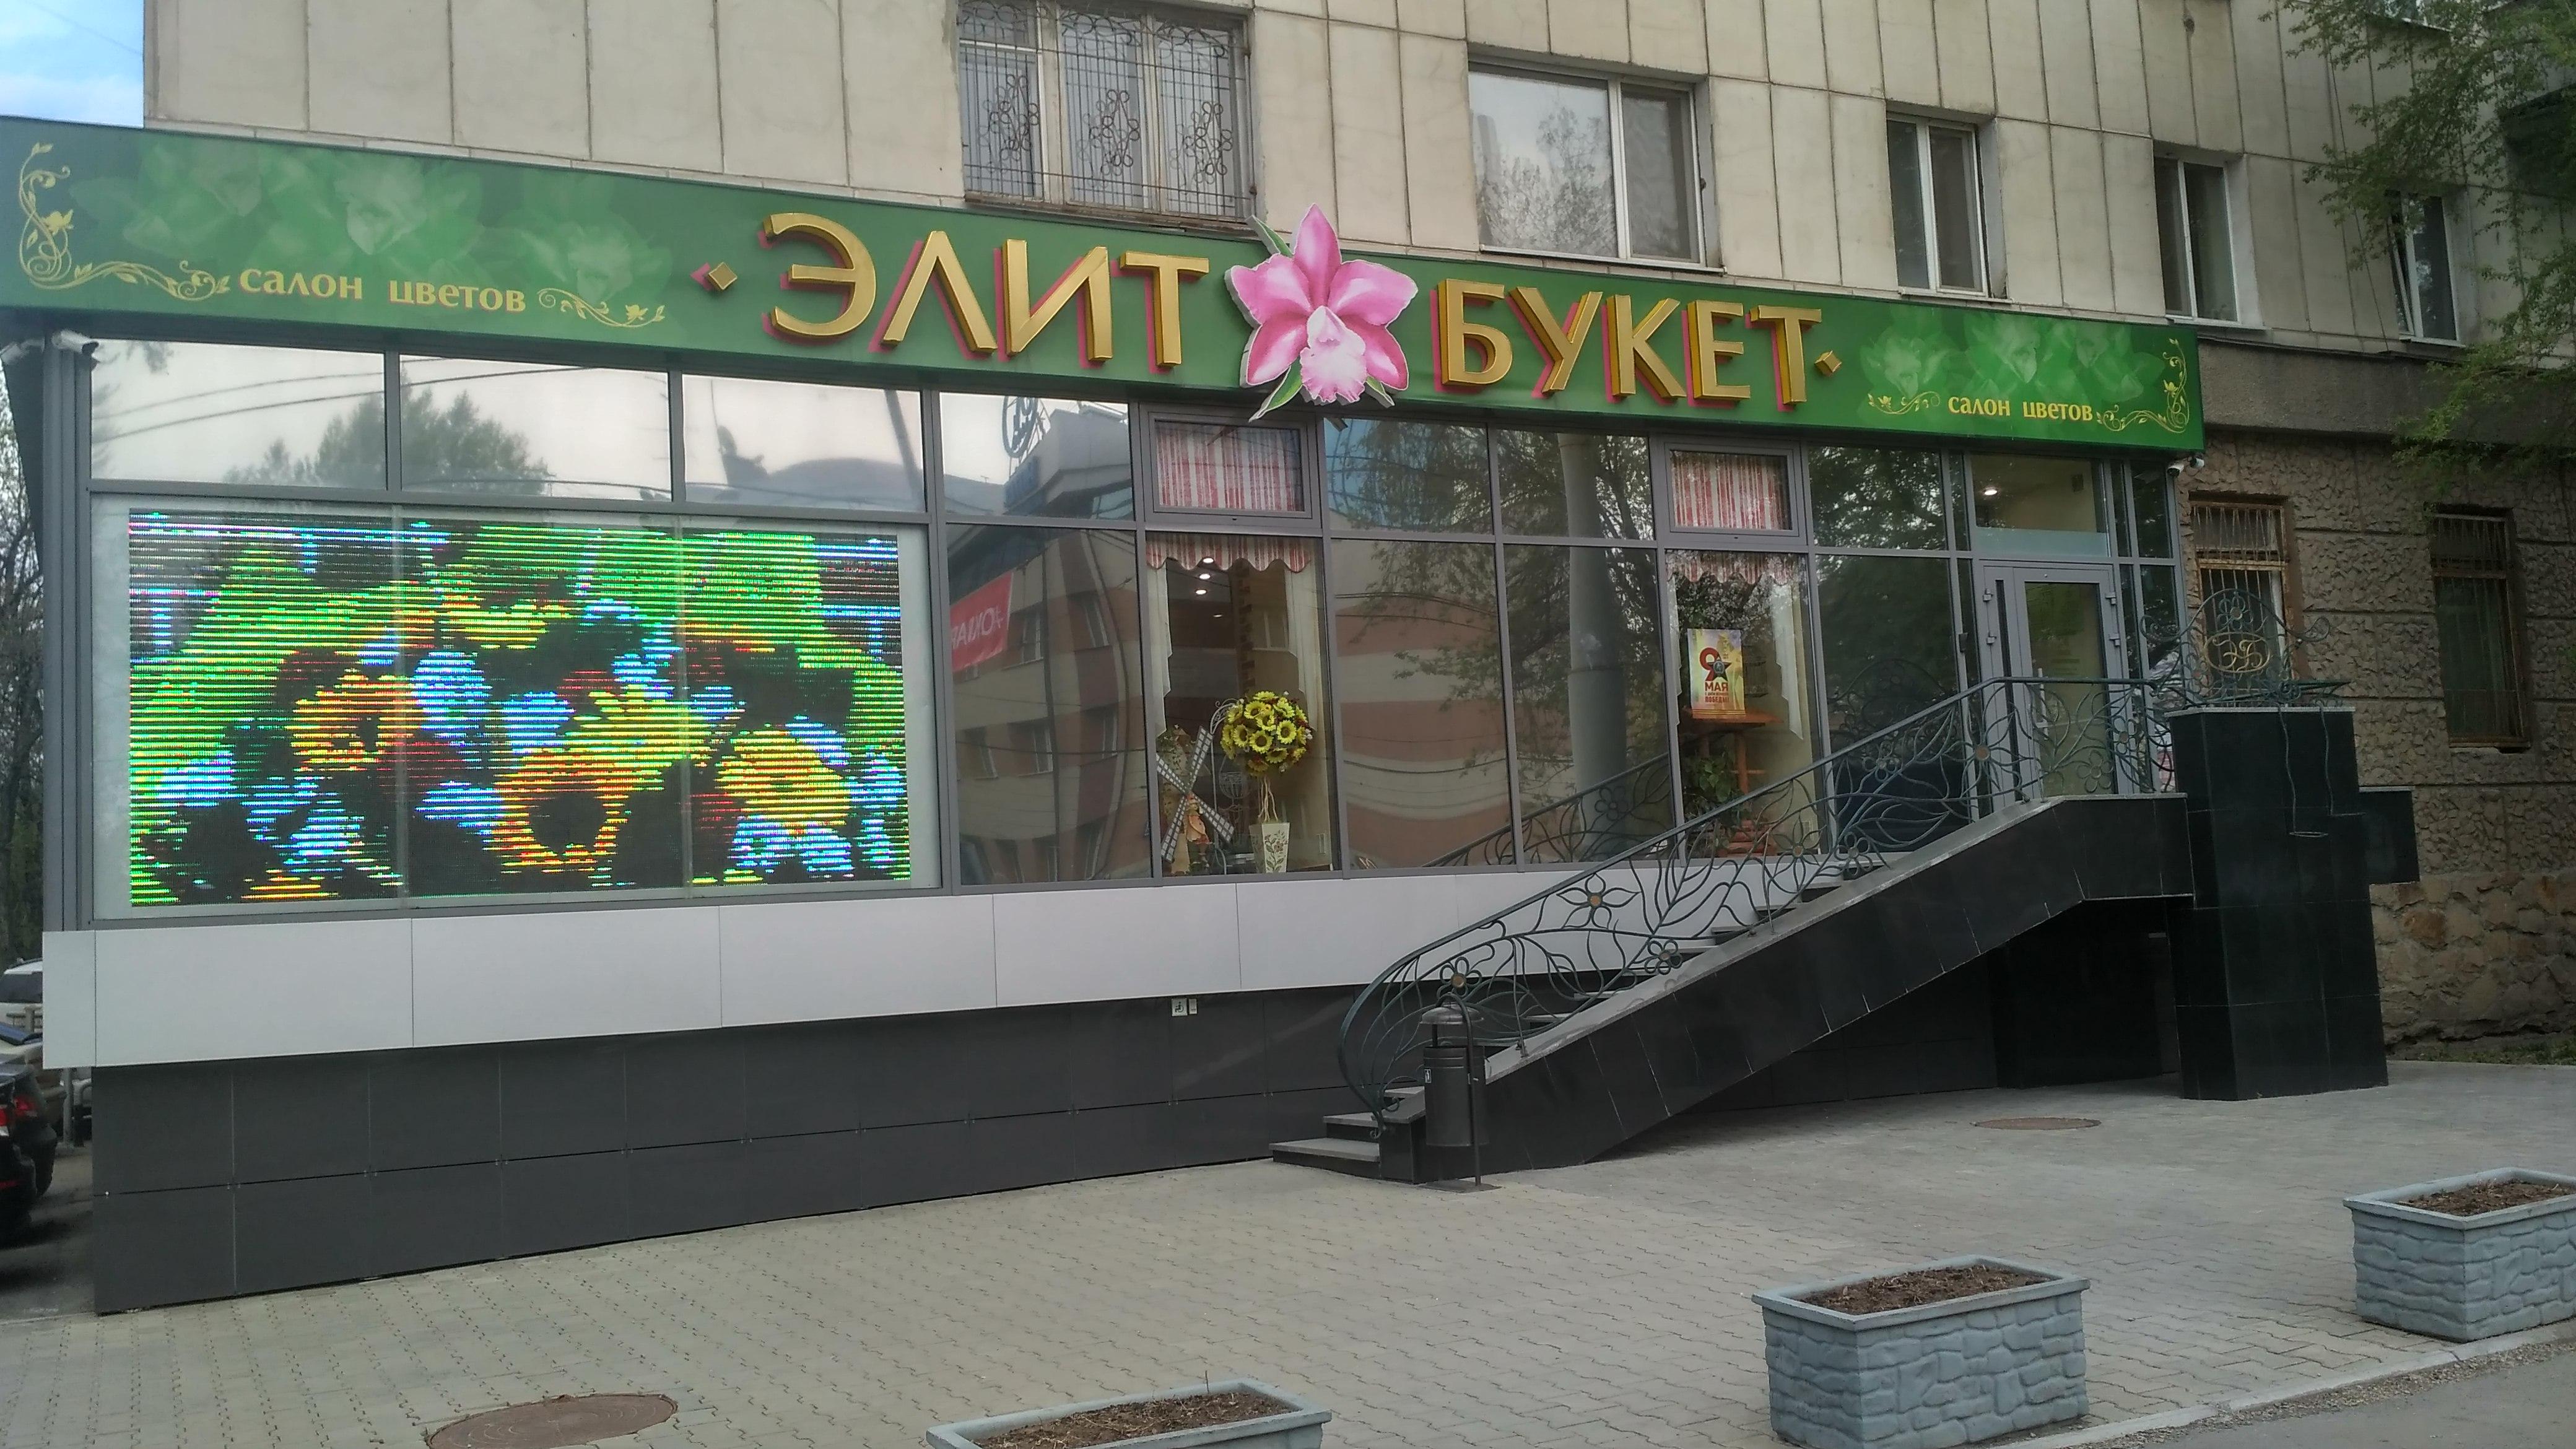 Цветов светлоград, доставка цветов кемерово круглосуточный екатеринбург